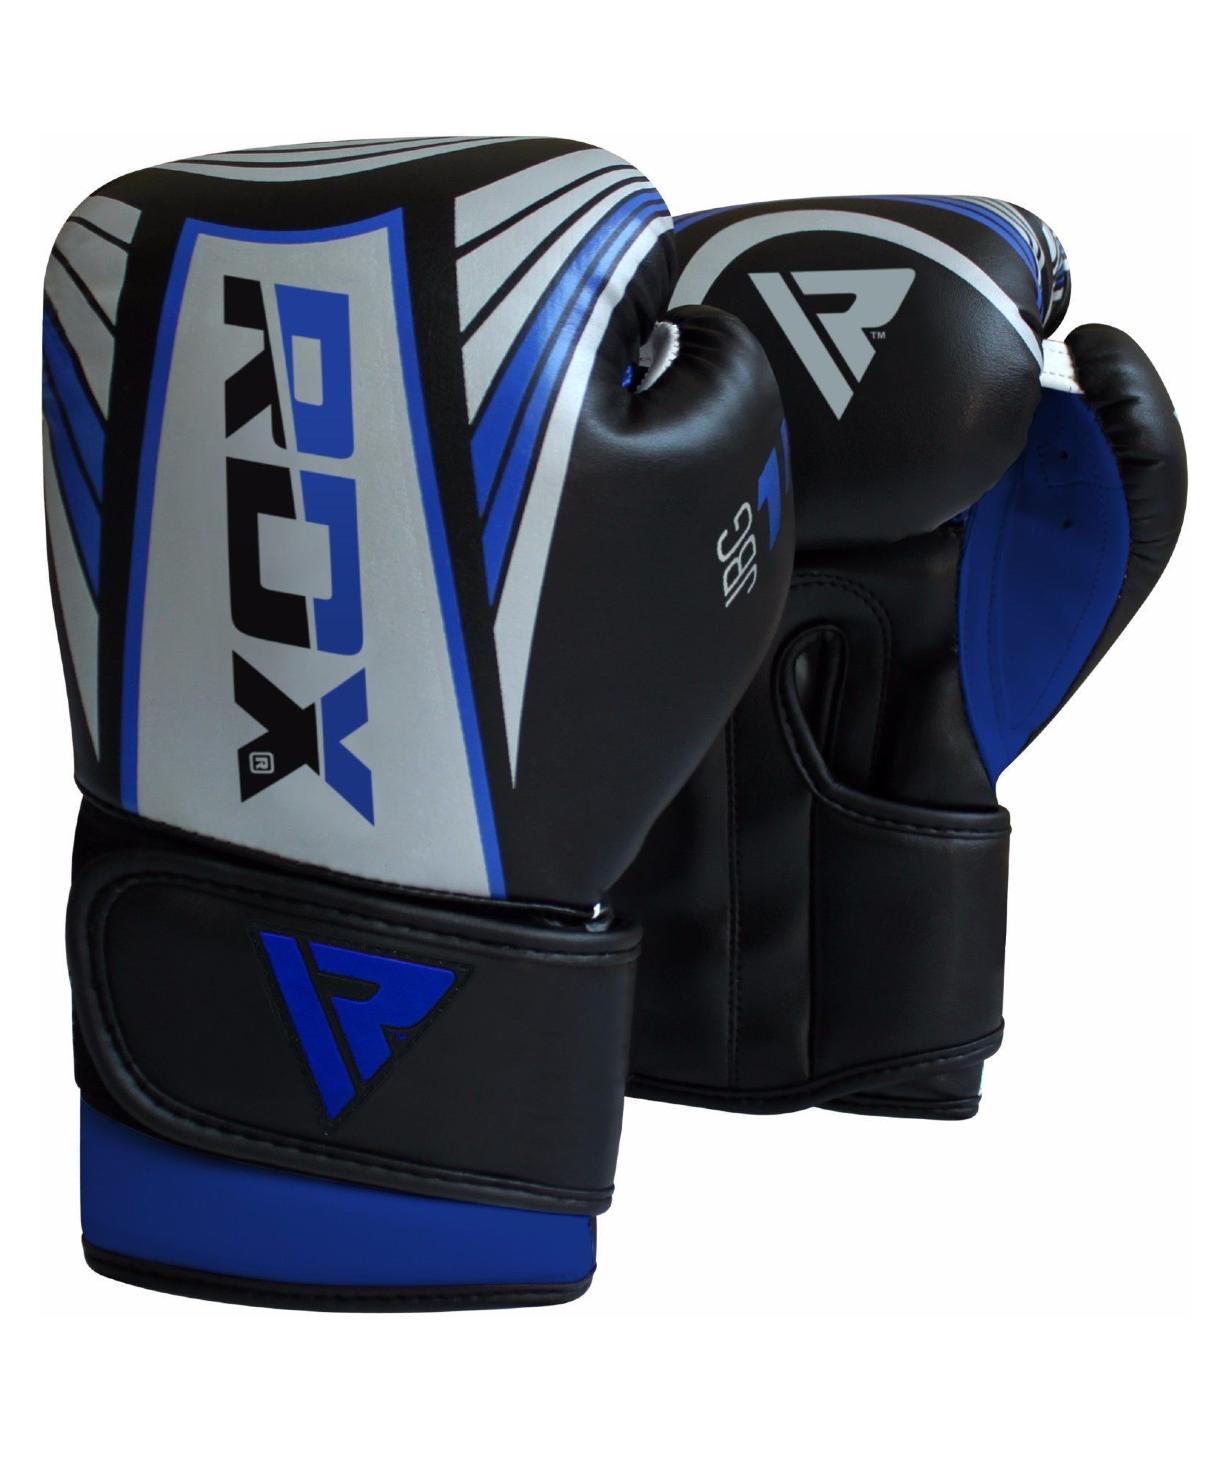 Перчатки Перчатки боксерские детские RDX 6 oz c81ba7d9eb5164cfc9eb3bcf6e77eefb.png